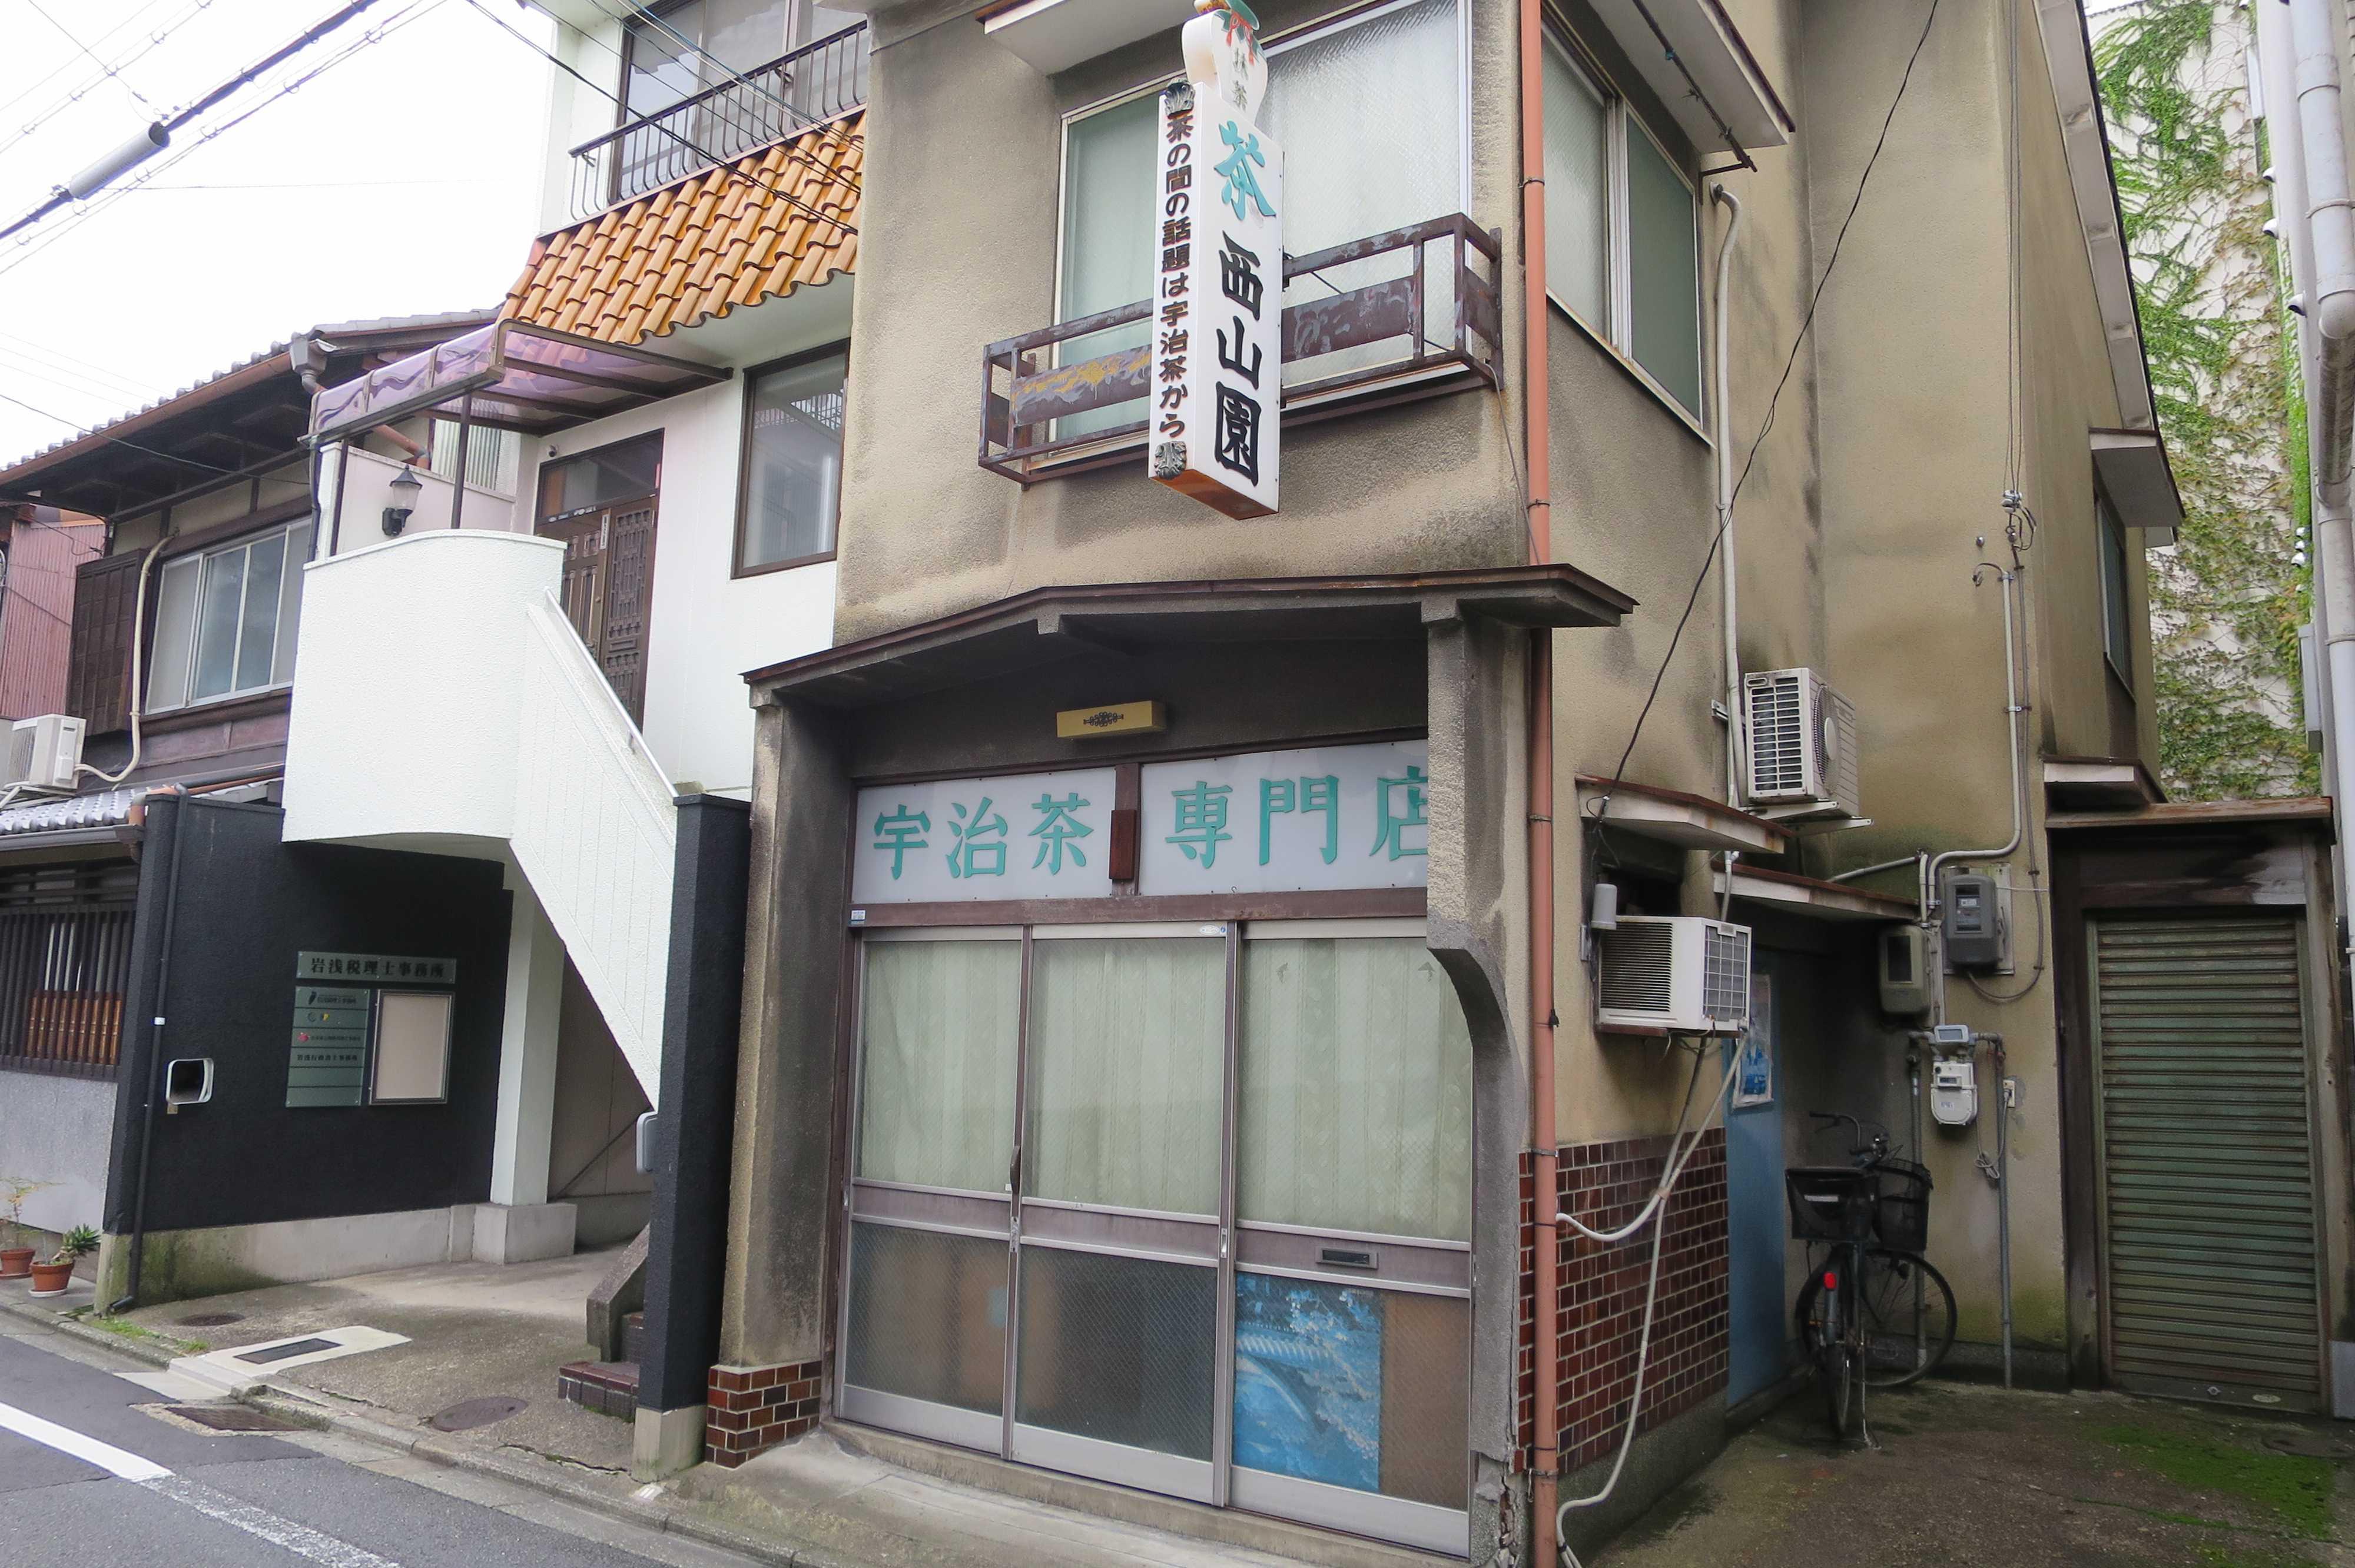 宇治茶専門店(京都市内)